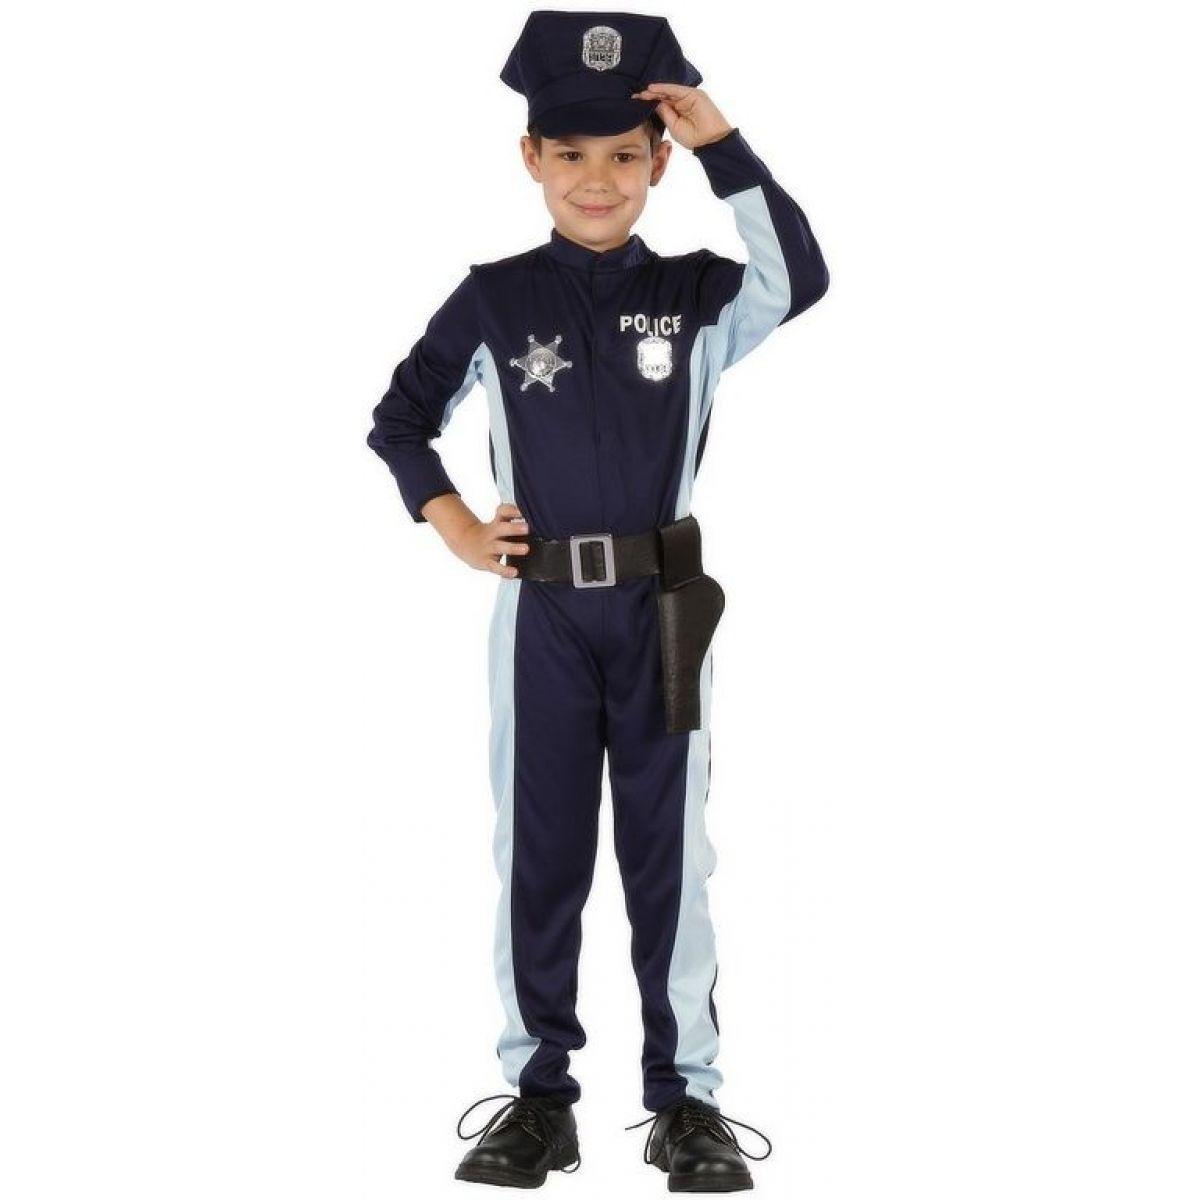 Made Dětský kostým Policista s čepicí 110-120cm